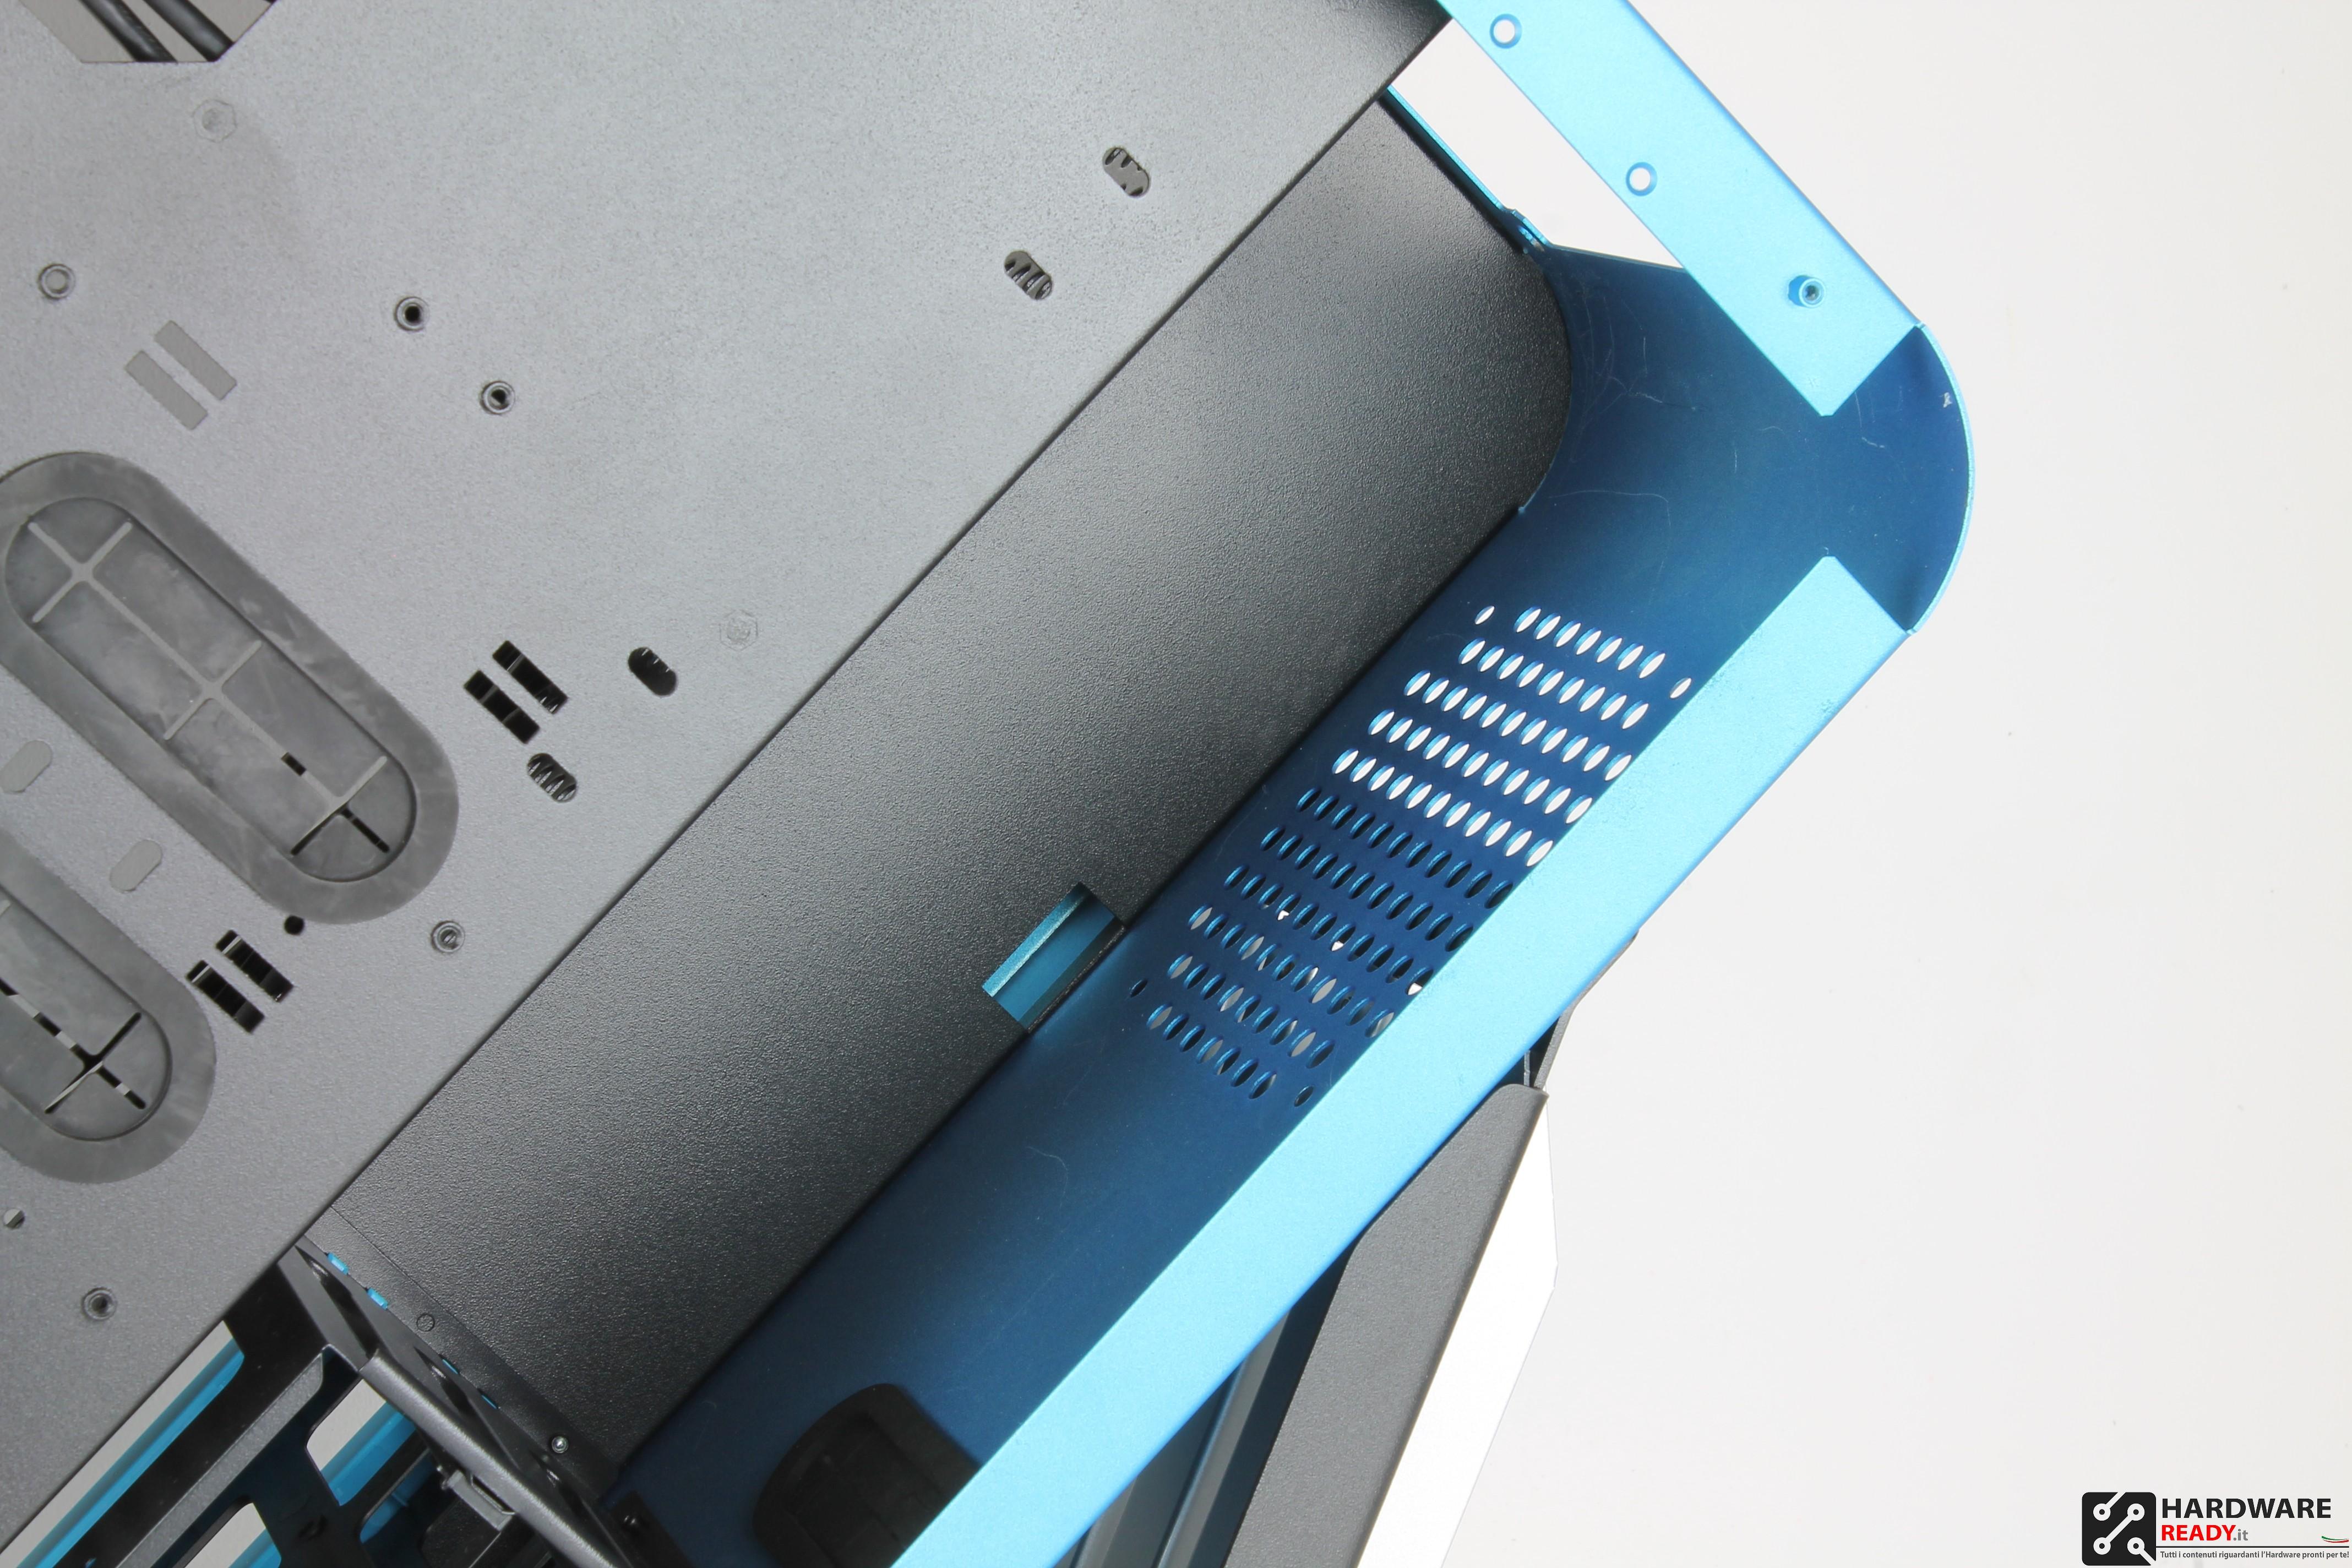 Cortek Galaxy Recensione Il Case All Interno Hardware